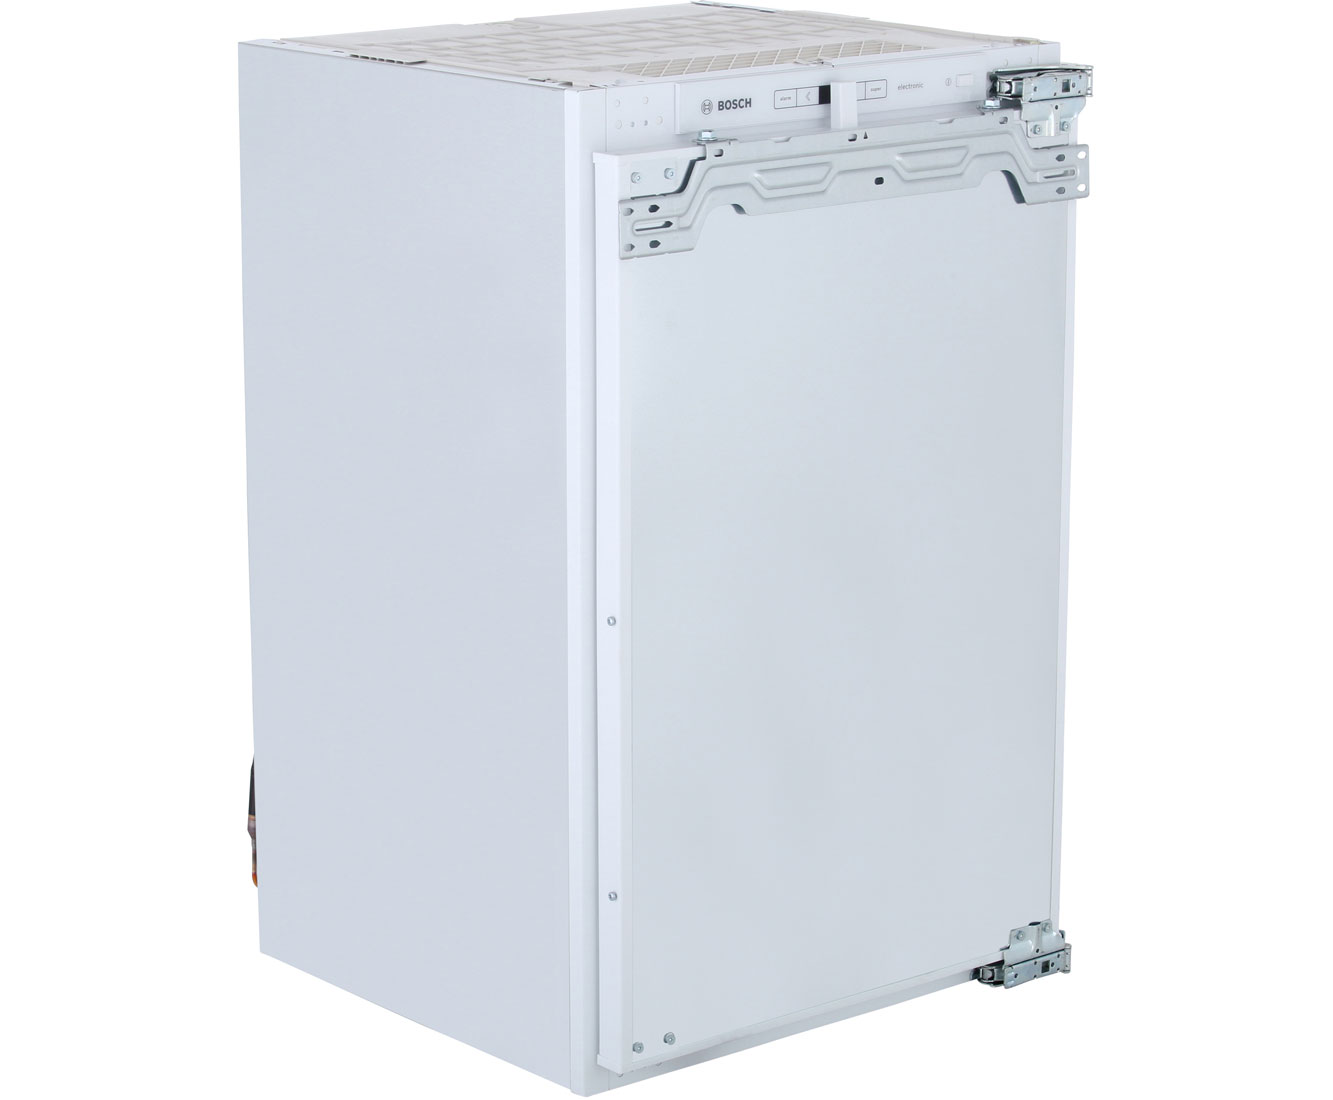 Bosch Kühlschrank Vergleich : Bosch serie kir ad einbau kühlschrank er nische festtür